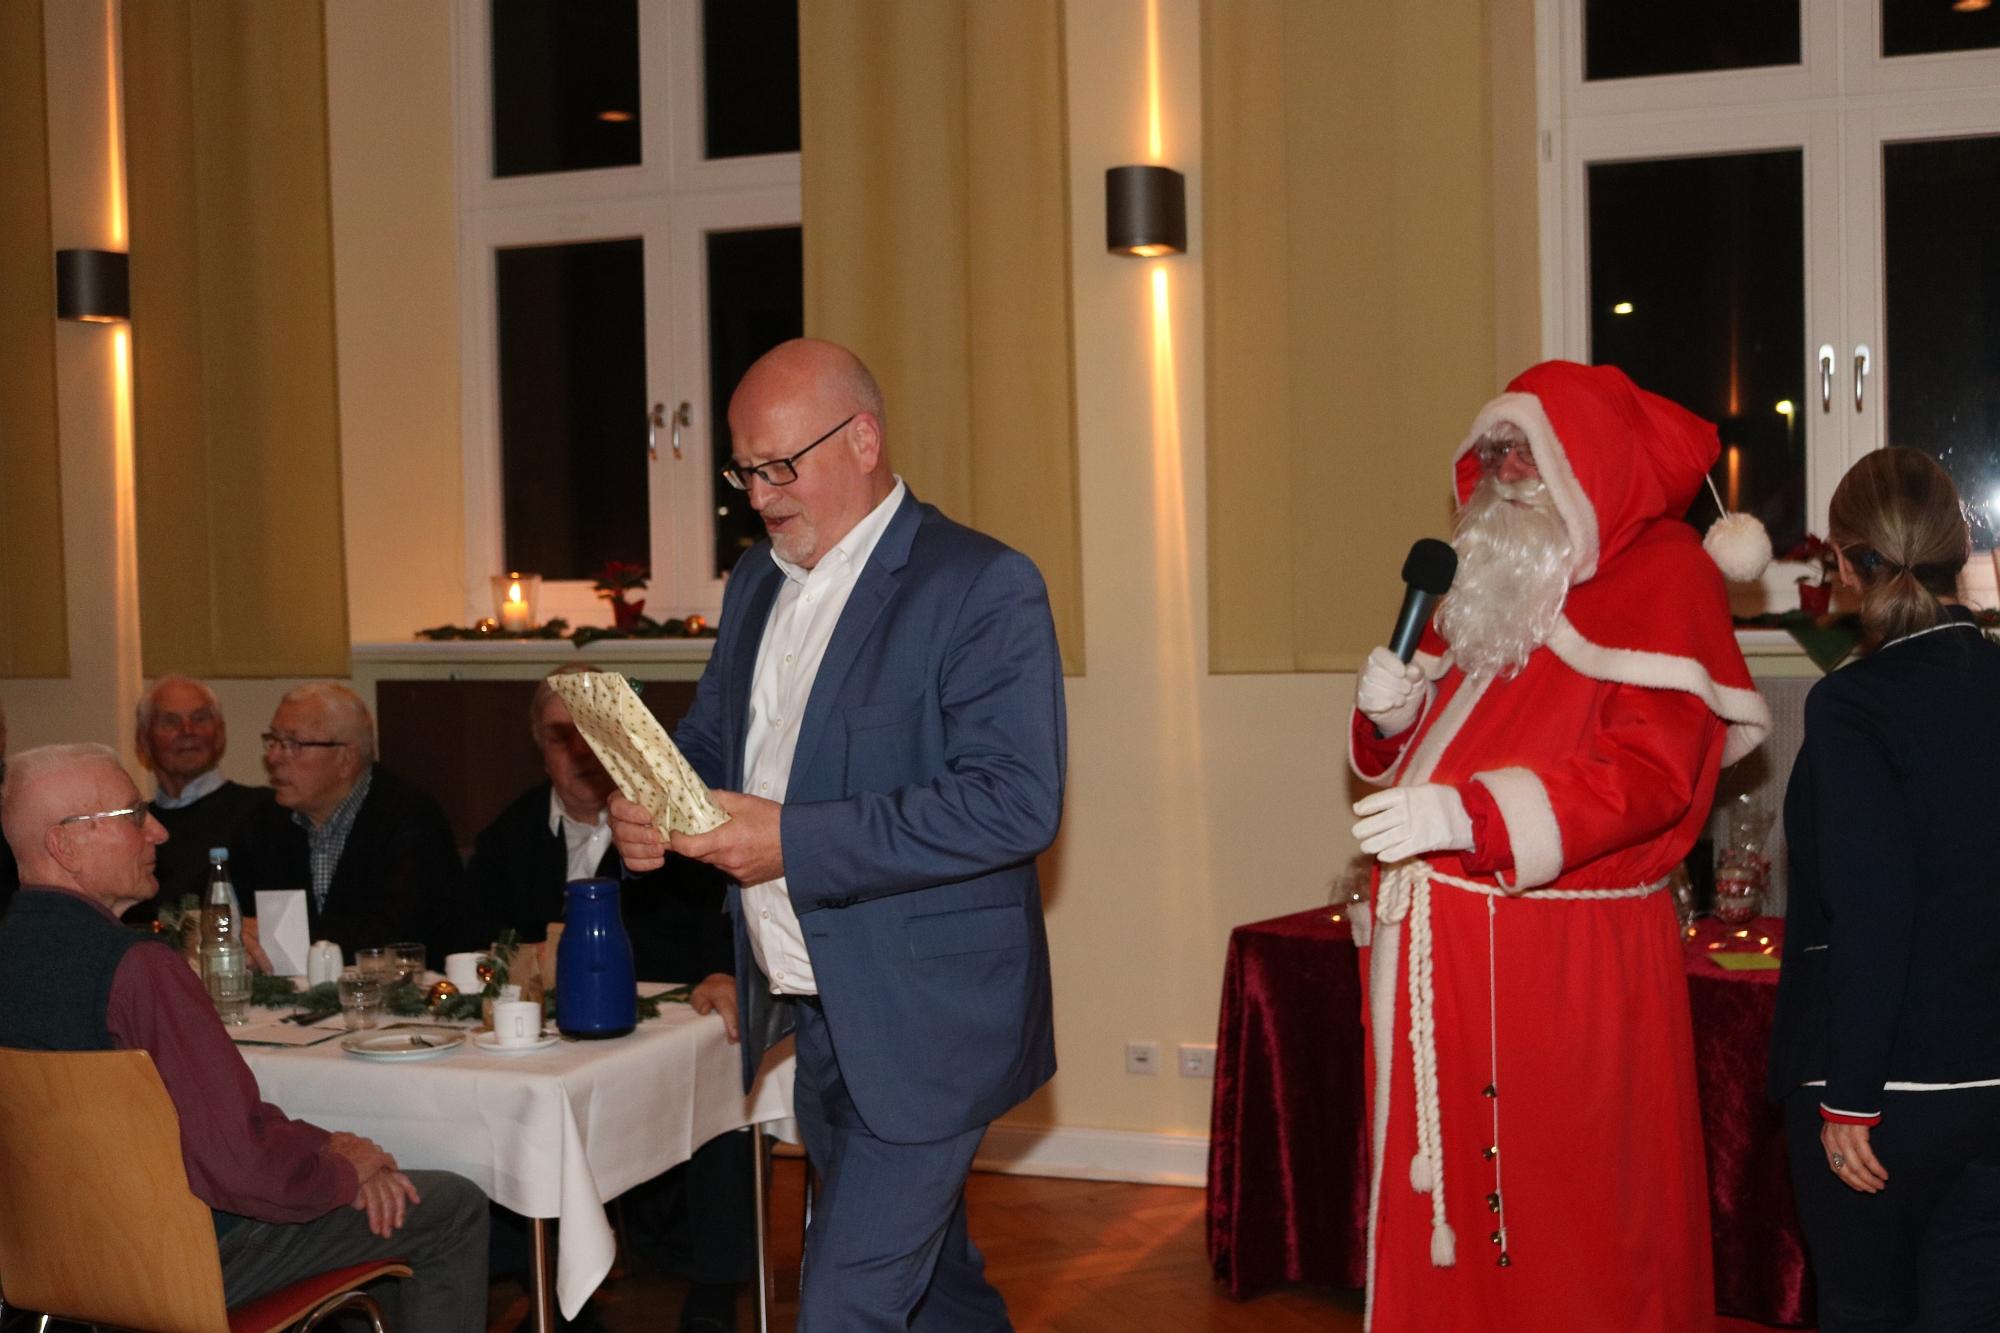 20191213 Senioren-Weihnachtsbacken Gemeinde Leck 24